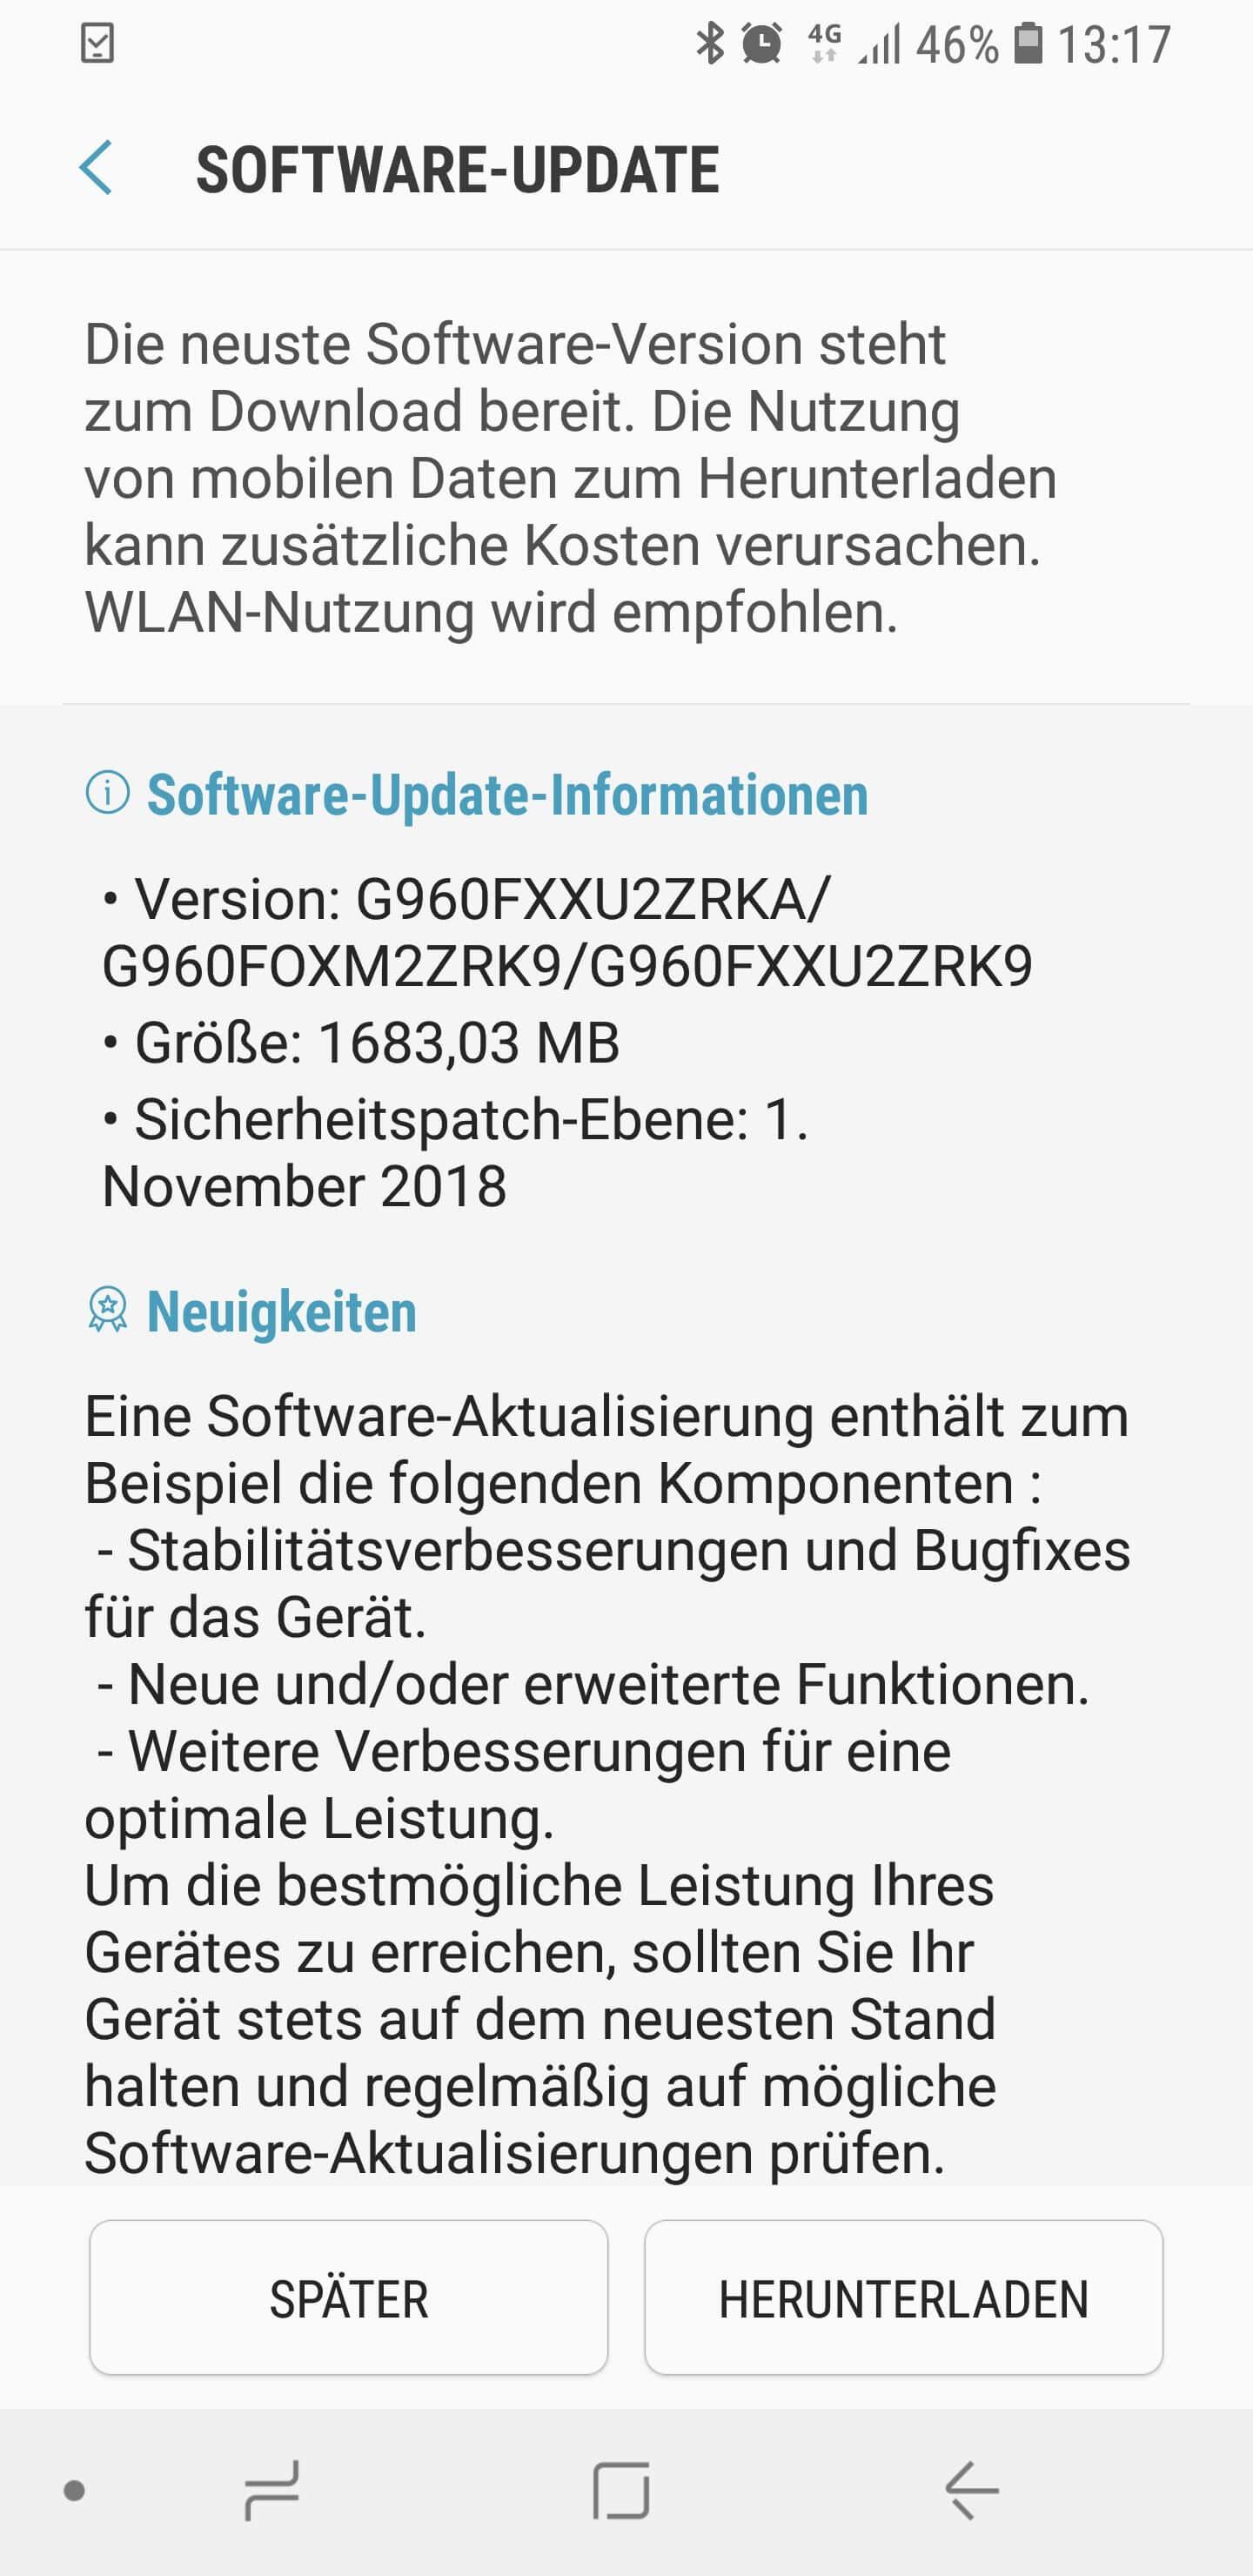 Galaxy S9 Android 9 One UI Beta gestartet: so schön sah eine Samsung UI noch nie aus 12